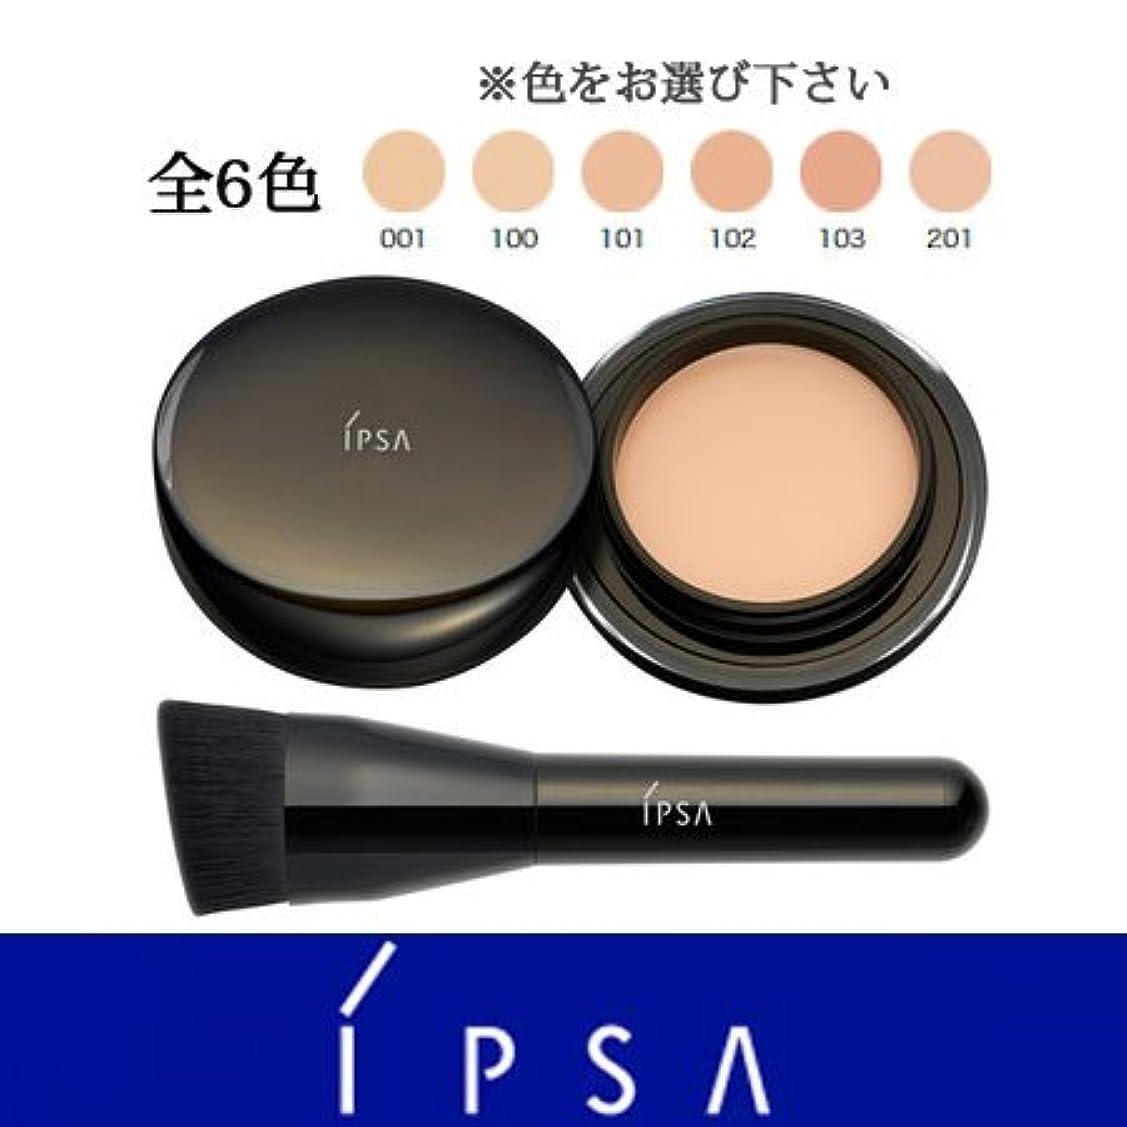 アセ単調な納屋イプサ ファウンデイション アルティメイト 全6色 -IPSA- 101